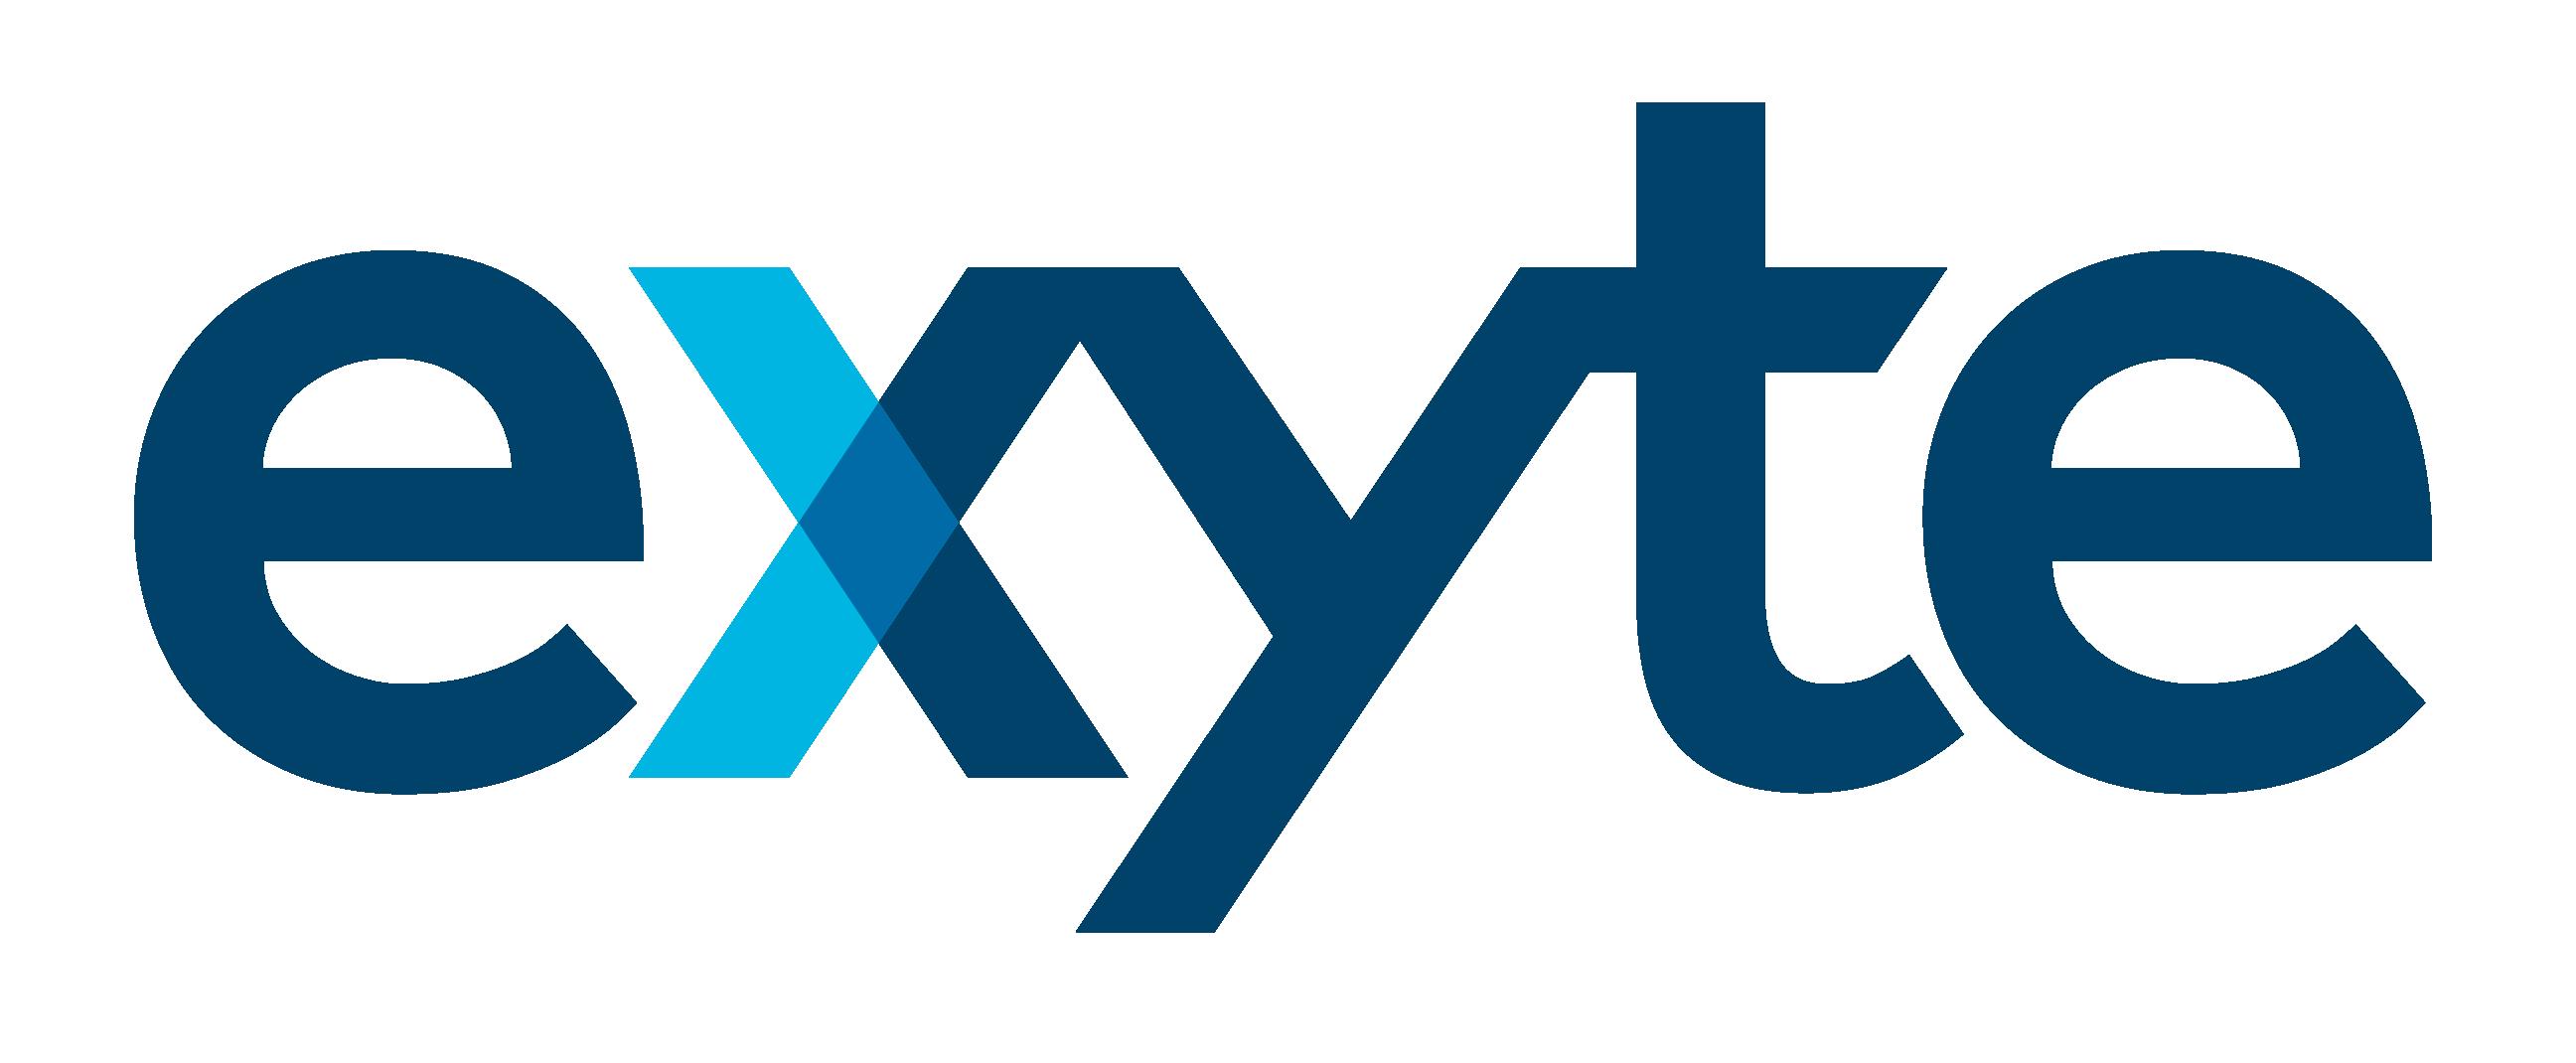 Logodesign exyte